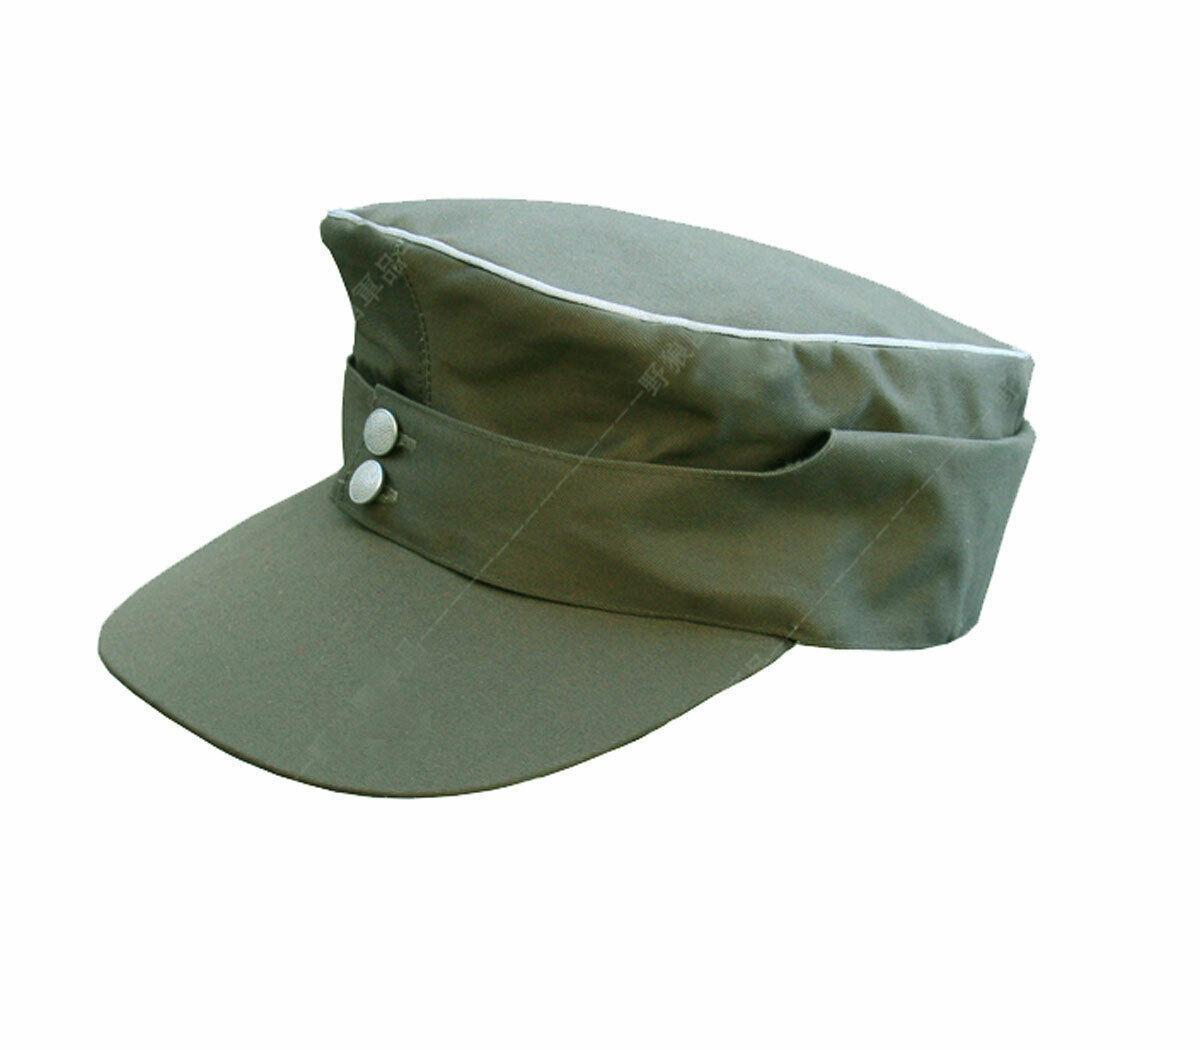 tomwang2012. Les agents allemands Seconde Guerre mondiale M43, Été, Champ képi chapeau vert